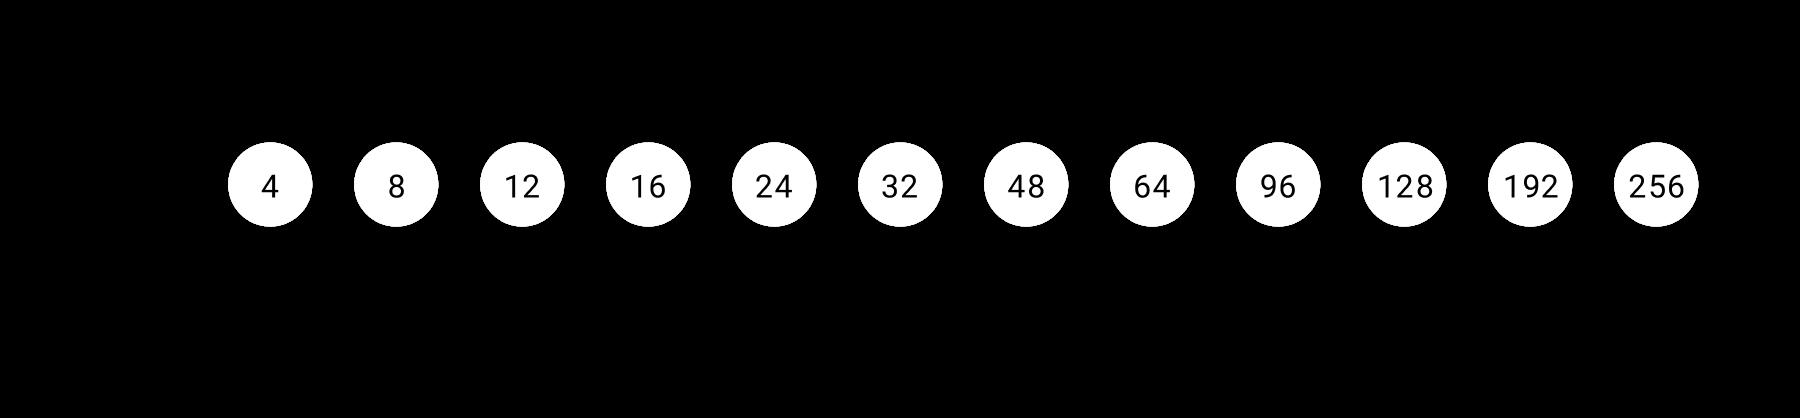 Vertical spacing scale